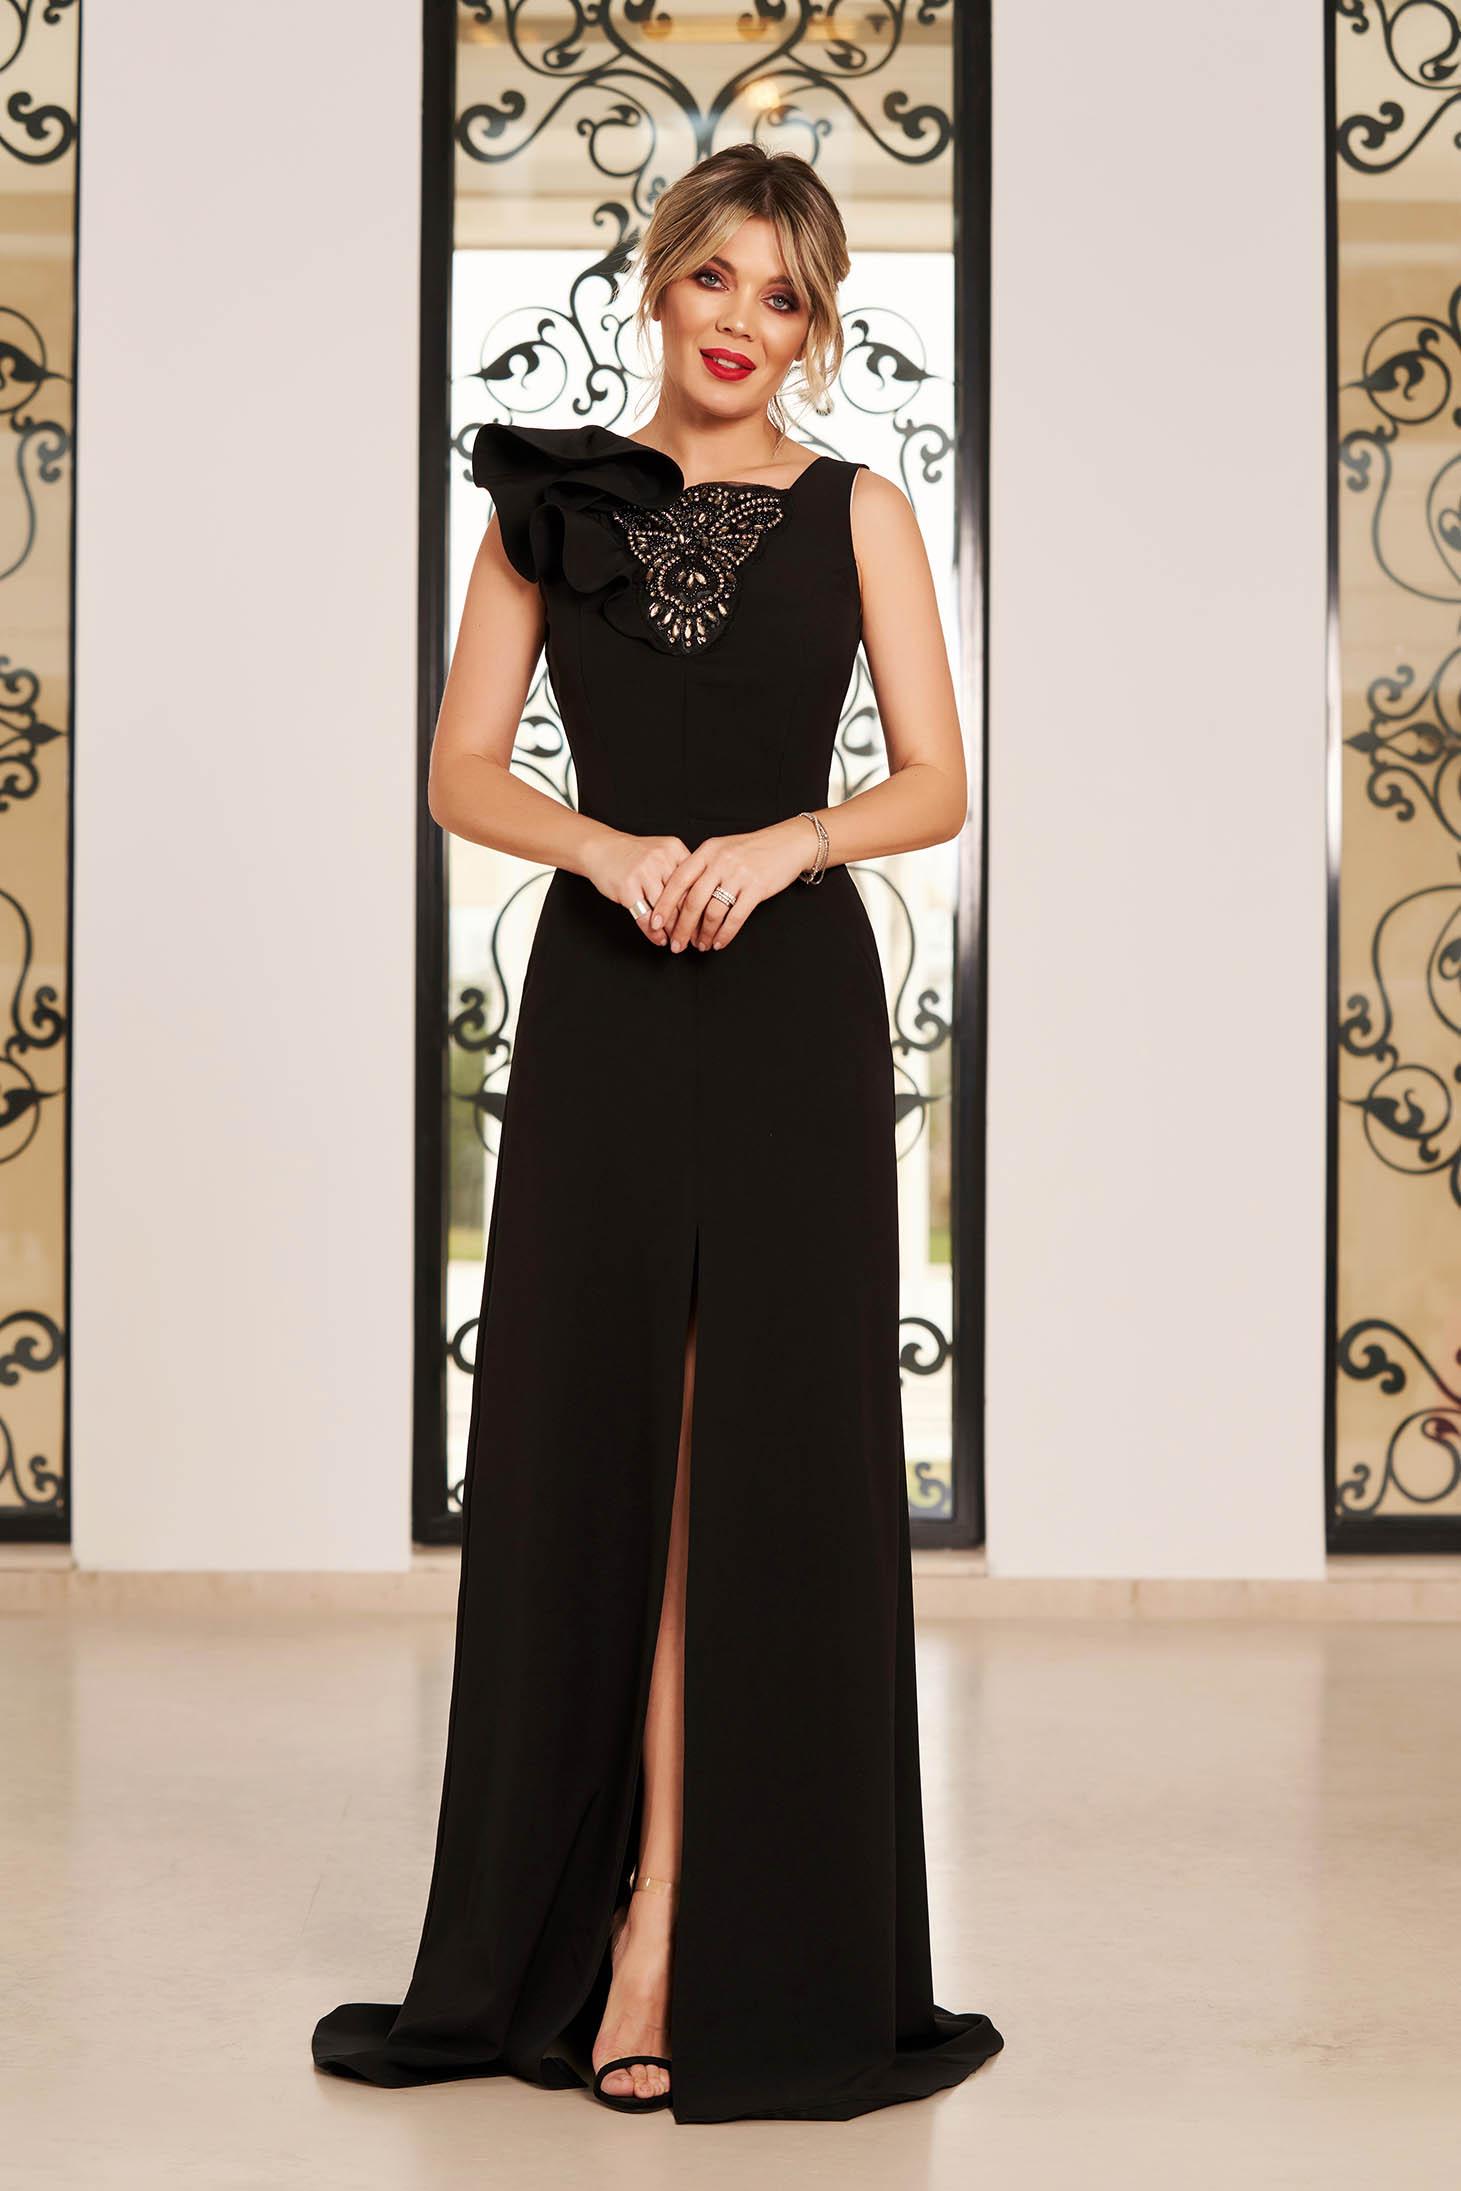 Rochie StarShinerS neagra de lux lunga din stofa cu volanase la maneca si pietre strass